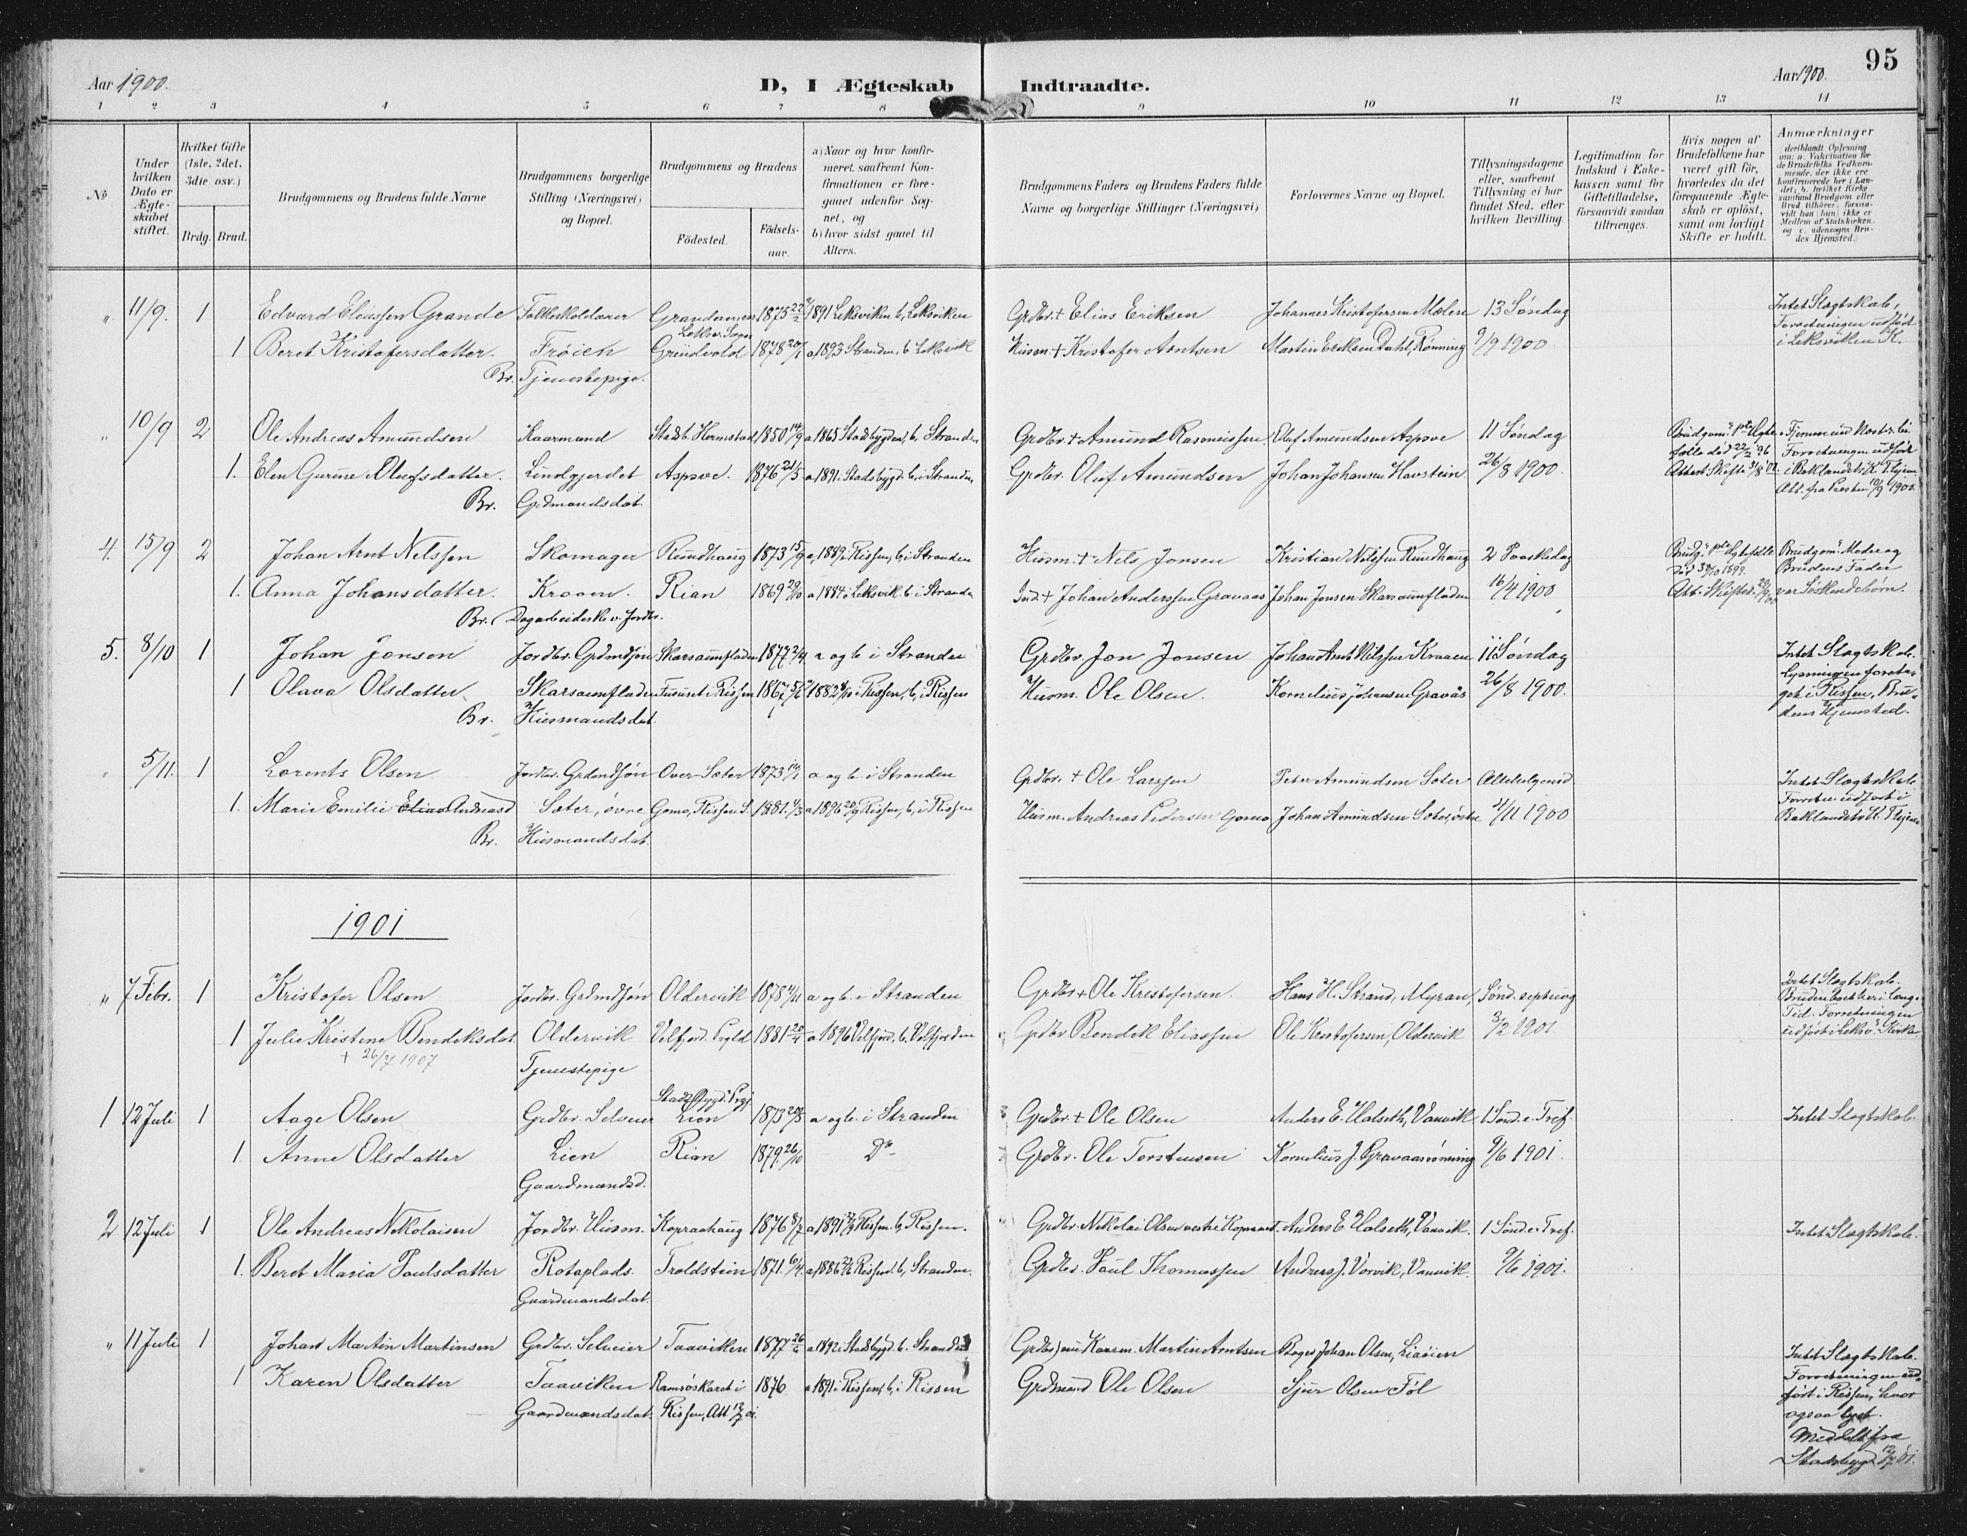 SAT, Ministerialprotokoller, klokkerbøker og fødselsregistre - Nord-Trøndelag, 702/L0024: Ministerialbok nr. 702A02, 1898-1914, s. 95